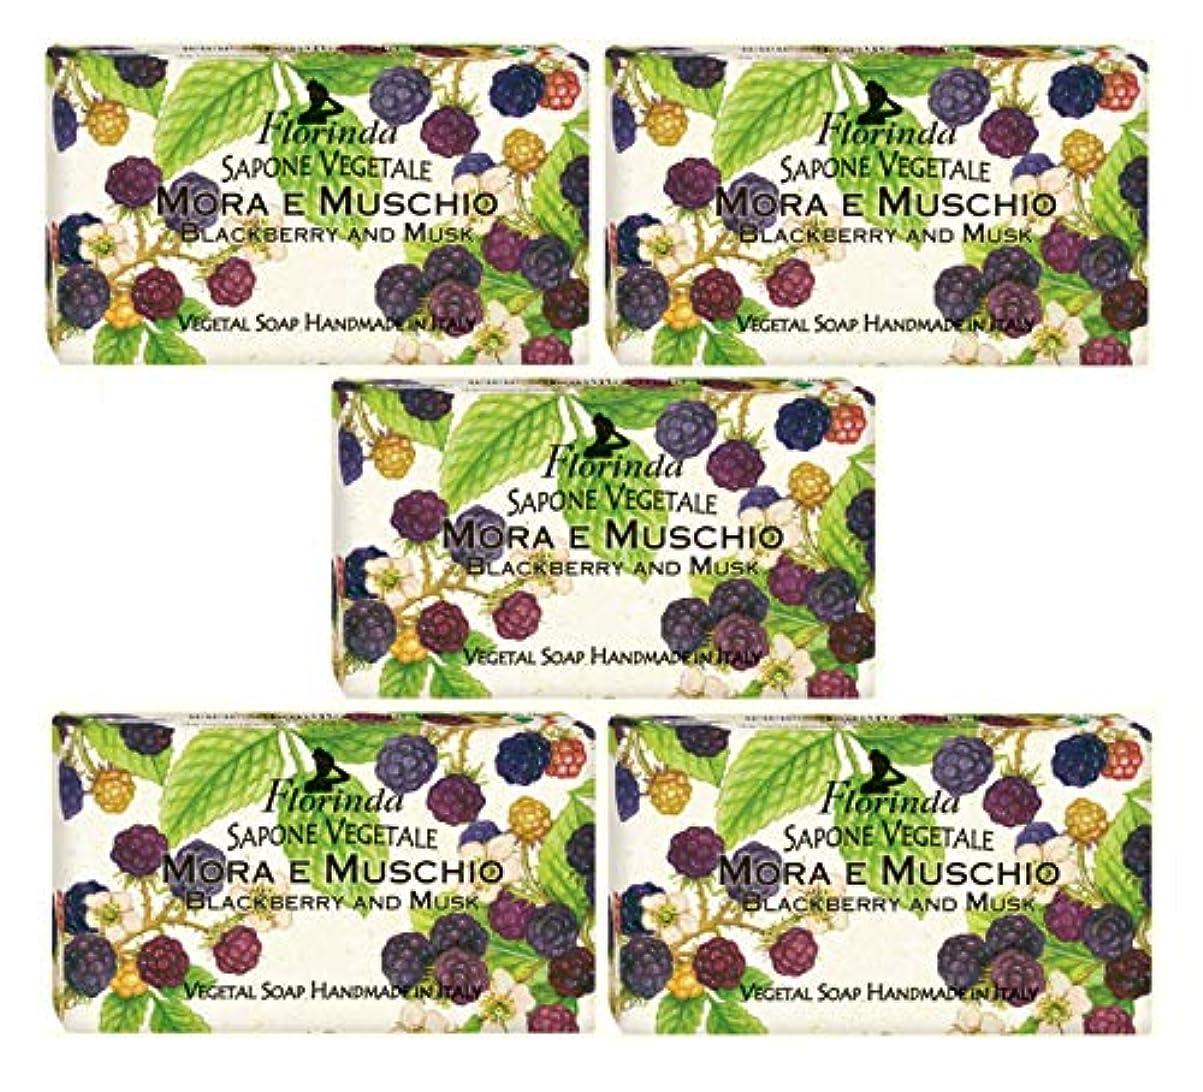 部族十分現代のフロリンダ フレグランスソープ 固形石けん フルーツの香り ブラックベリー&ムスク 95g×5個セット